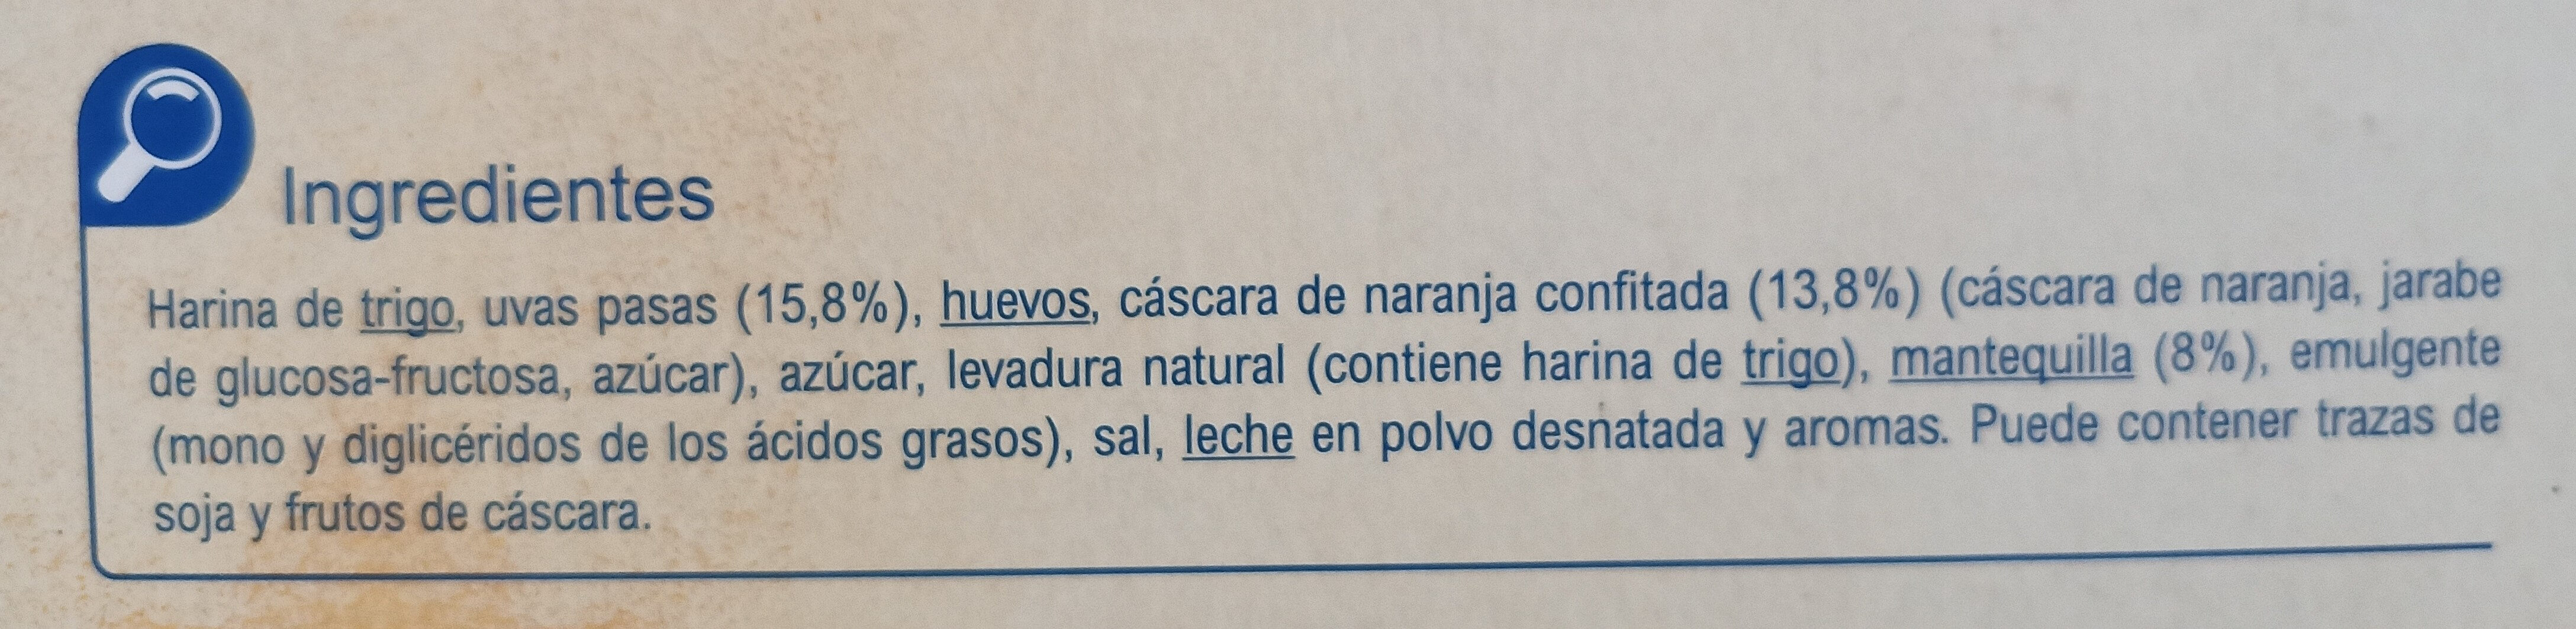 Panettone Tradicional - Ingredientes - es